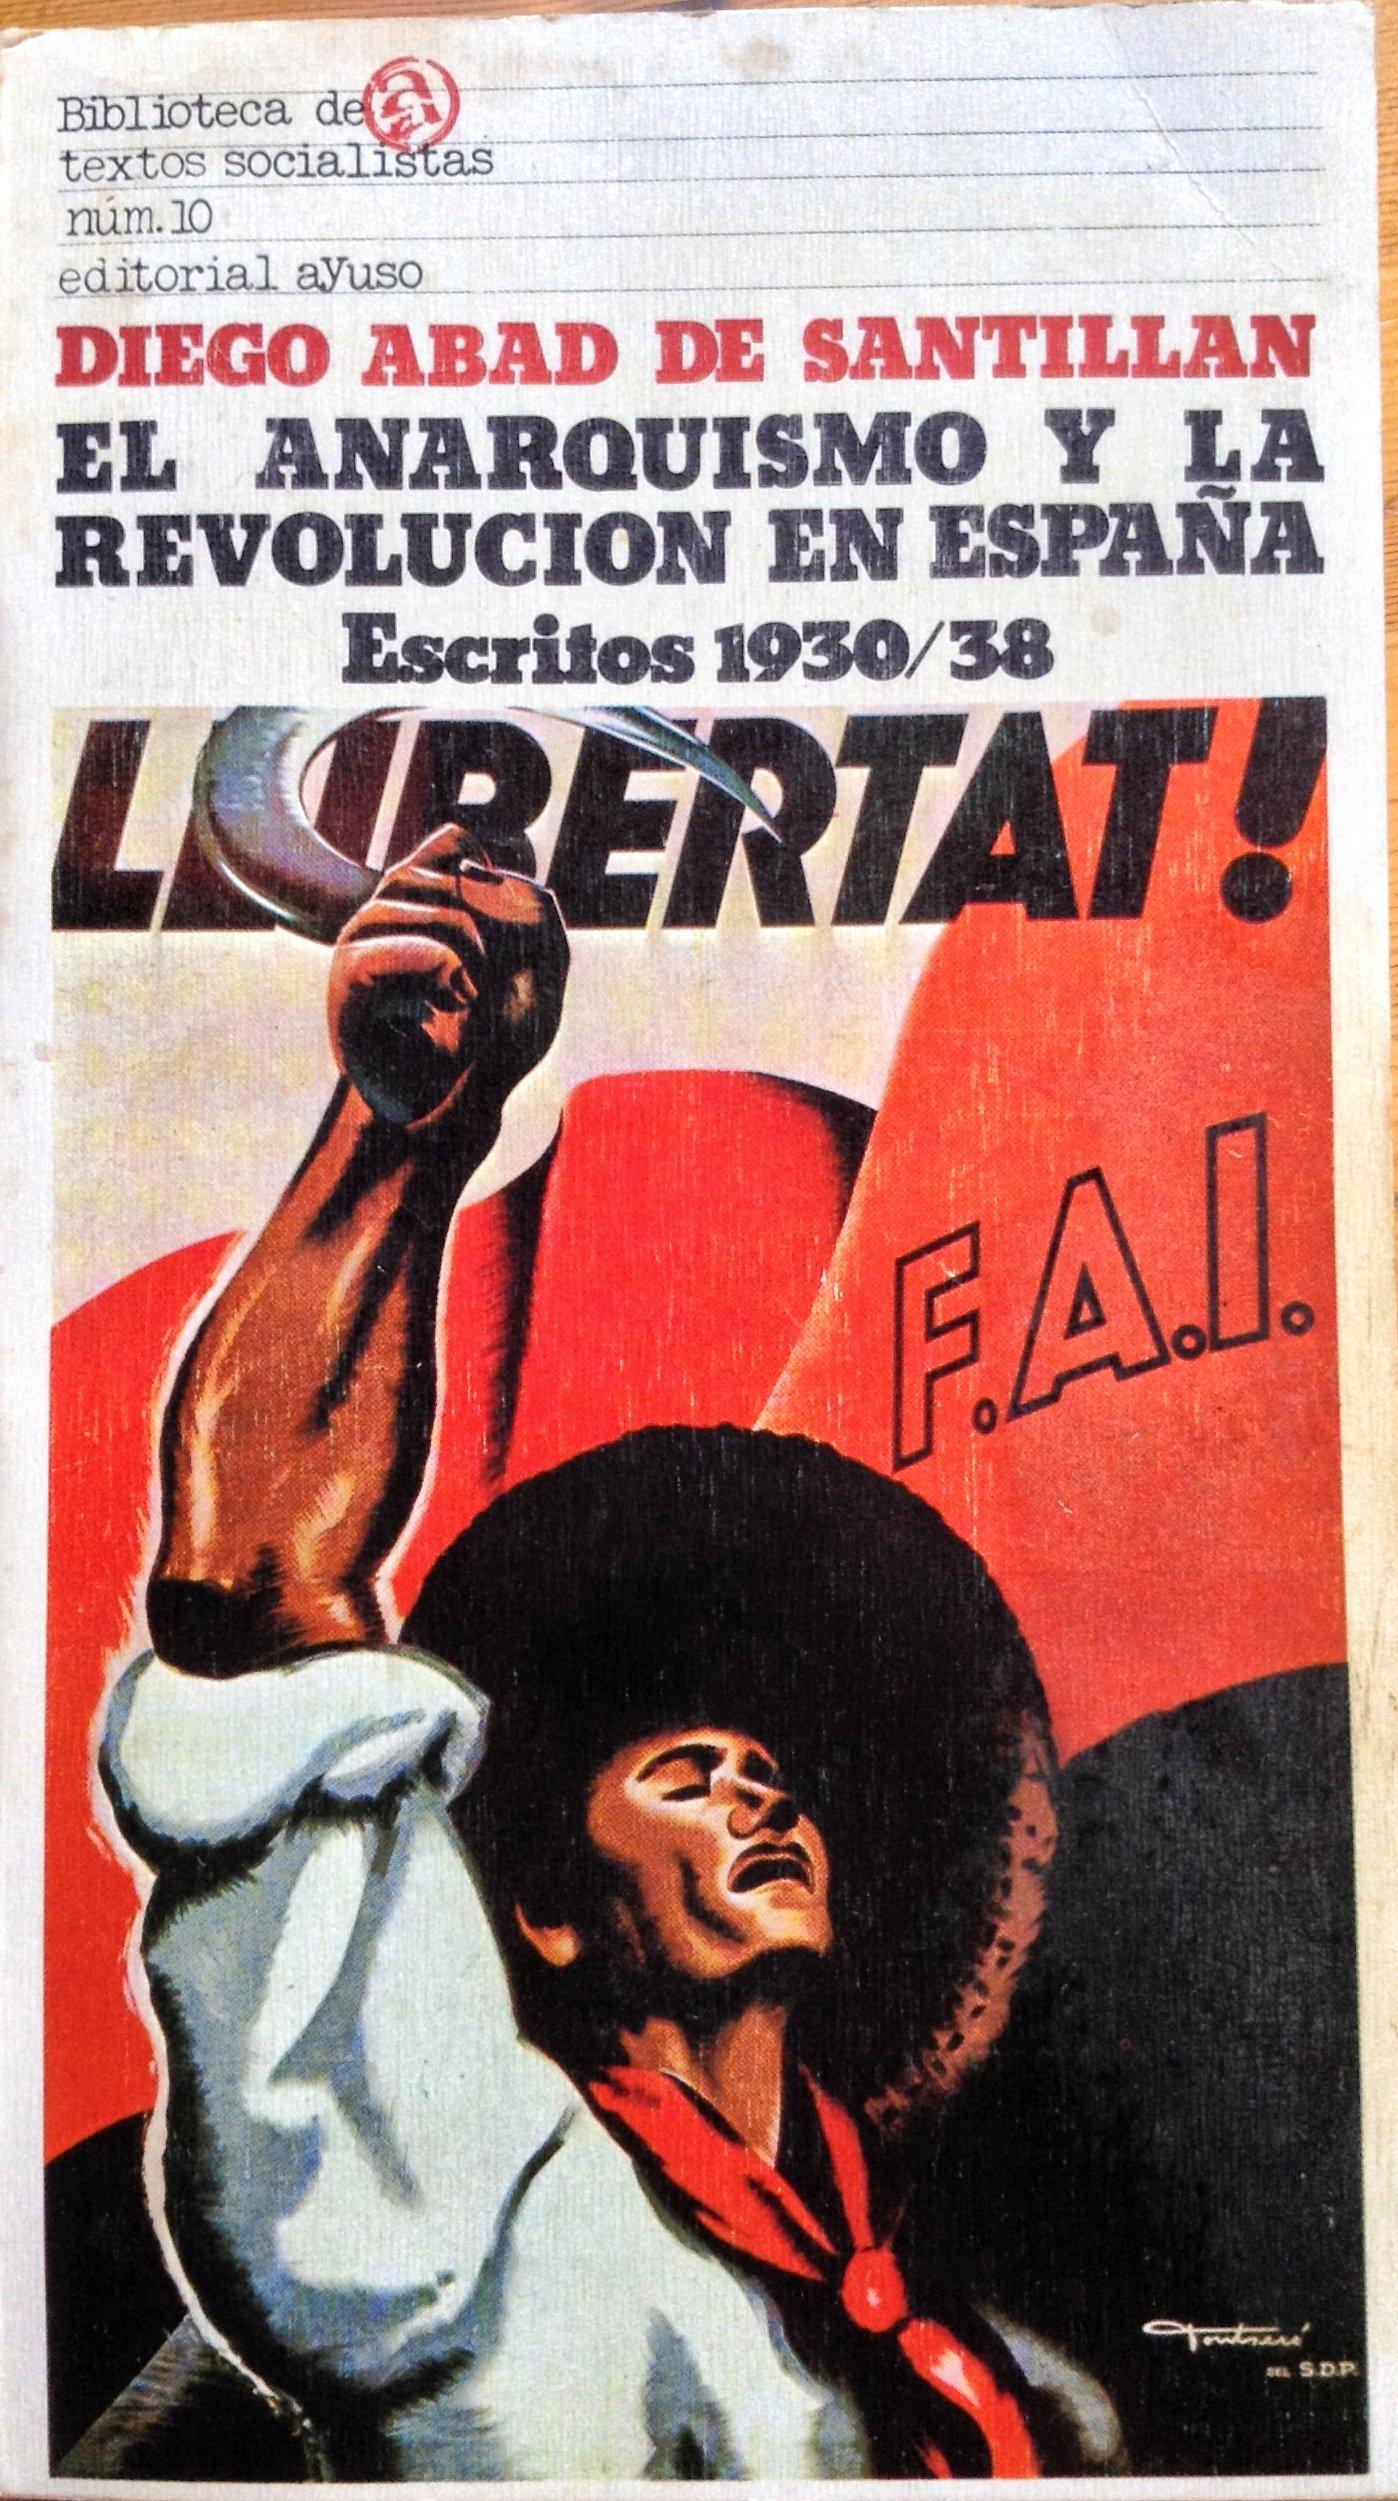 El Anarquismo Y La Revolución En España: Escritos 1930/38 ...